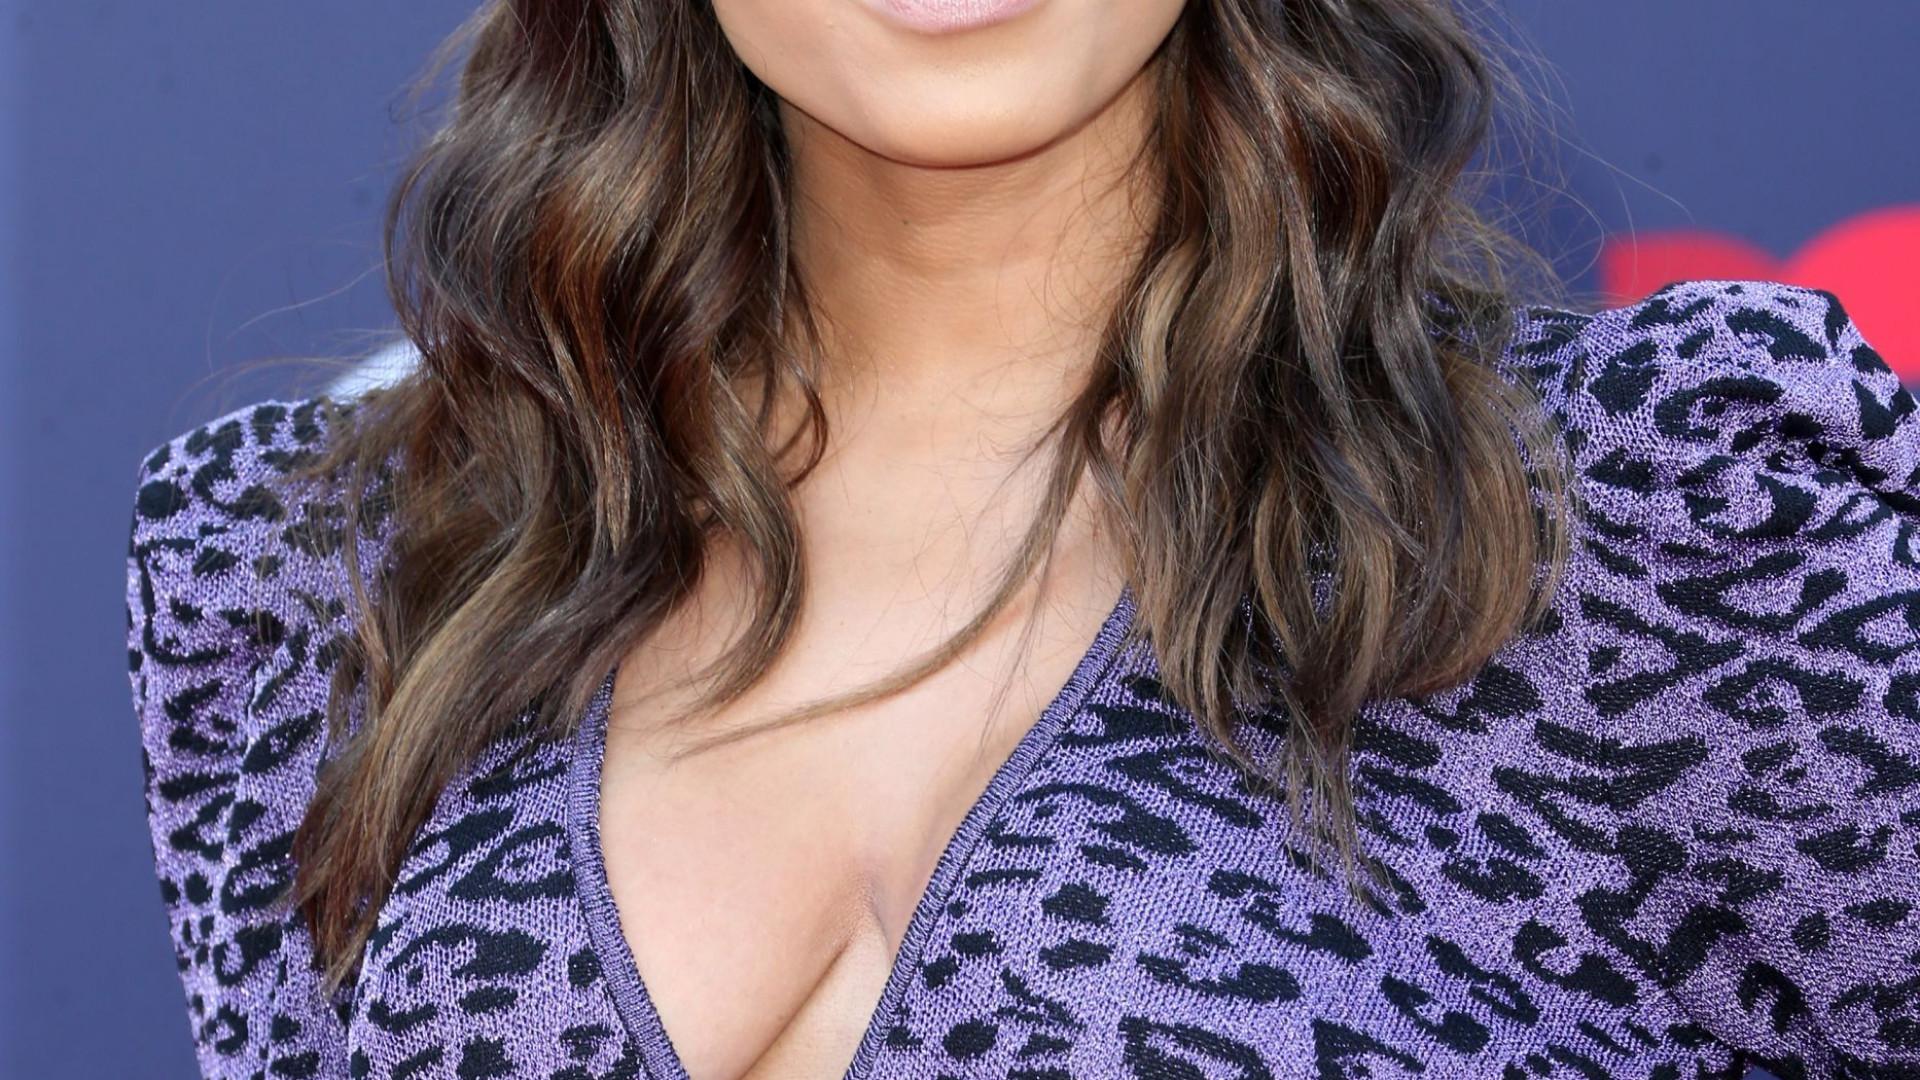 Cantora Anitta admite ter vivido o drama da depressão